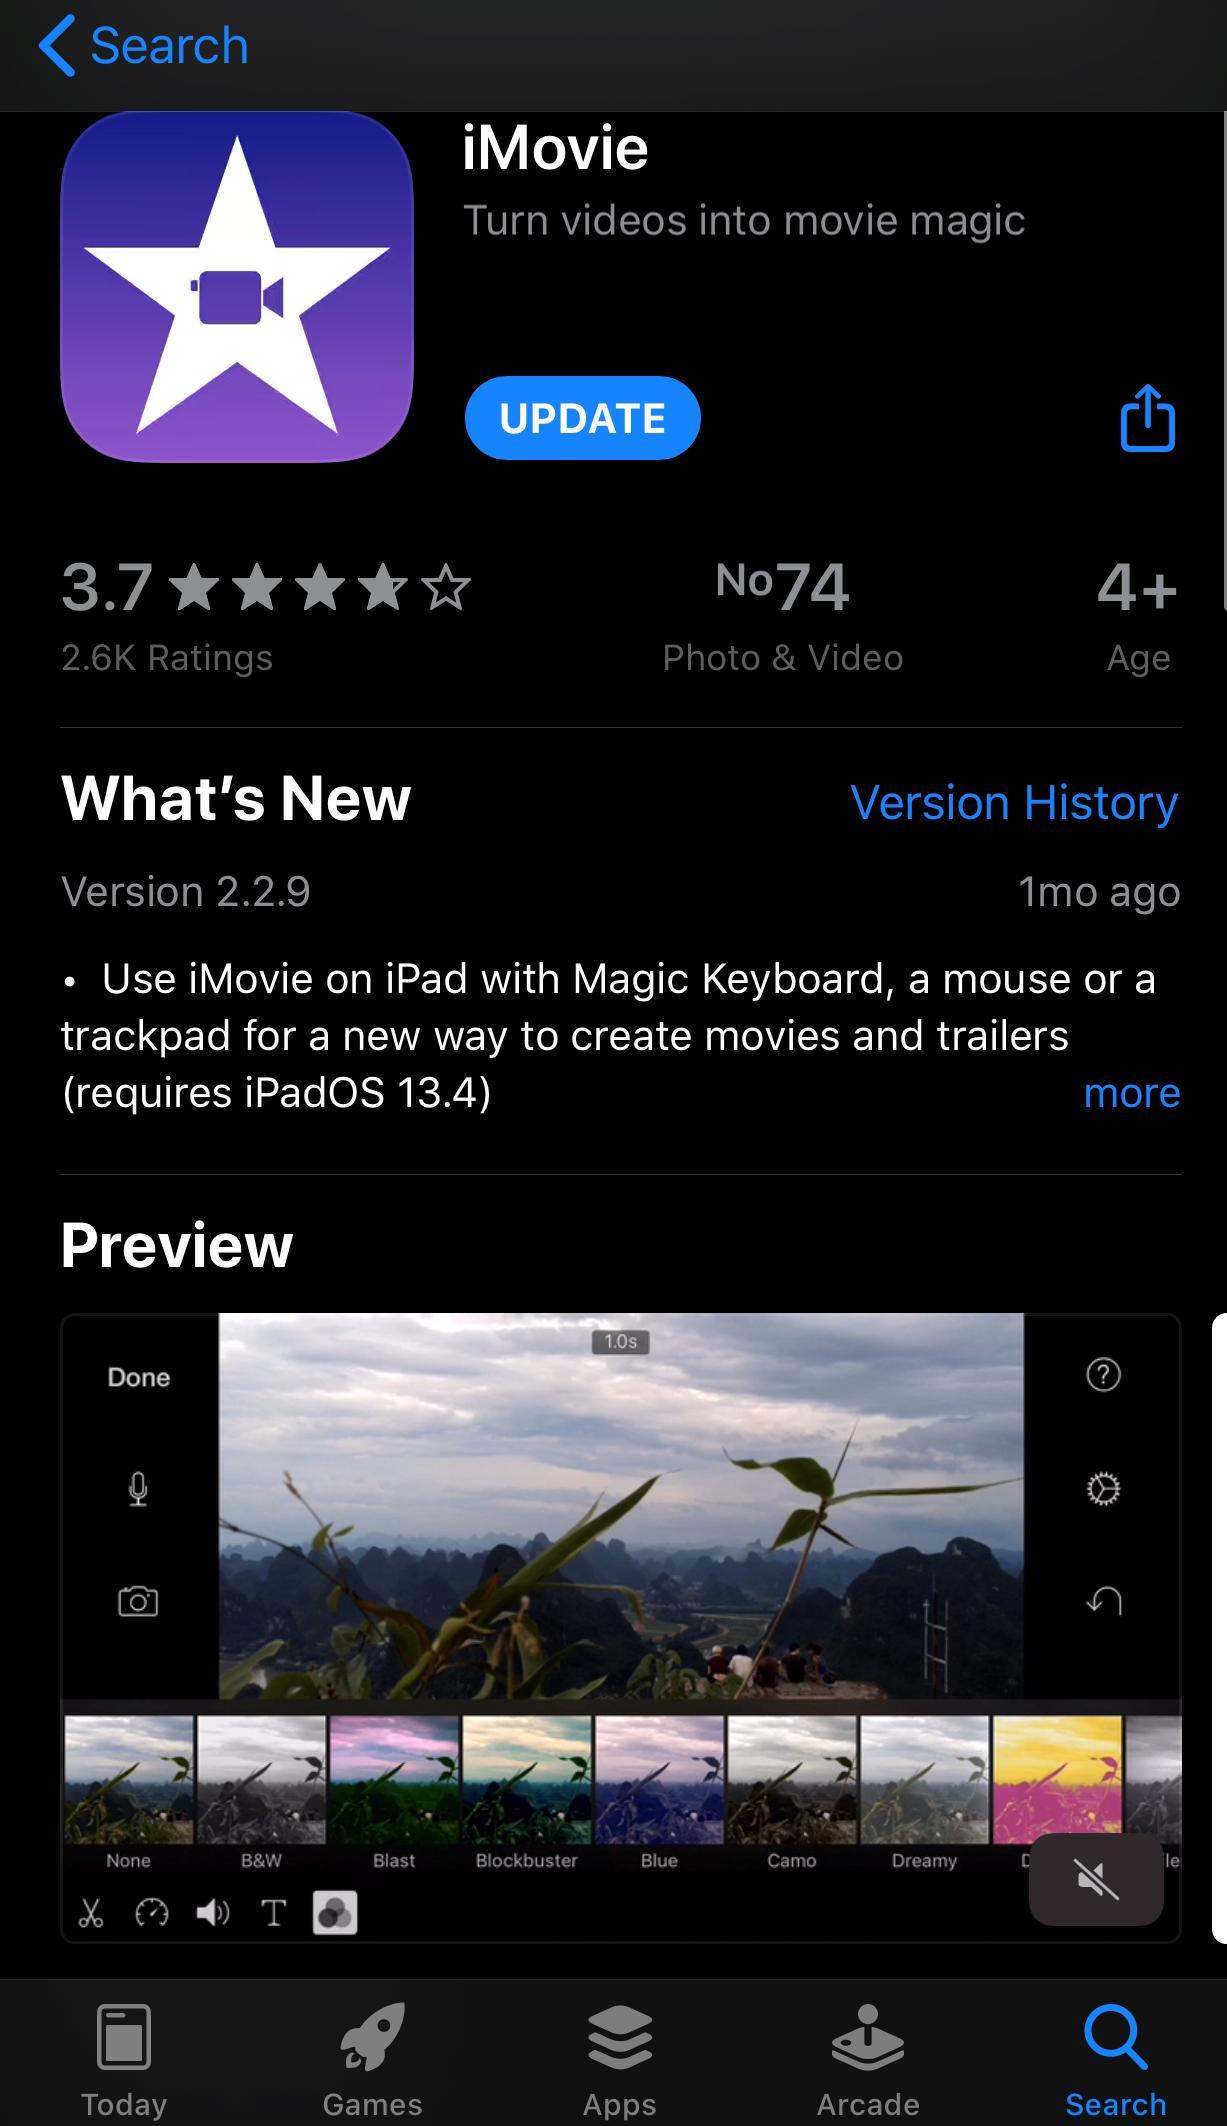 Turn videos to movies using iMovie.